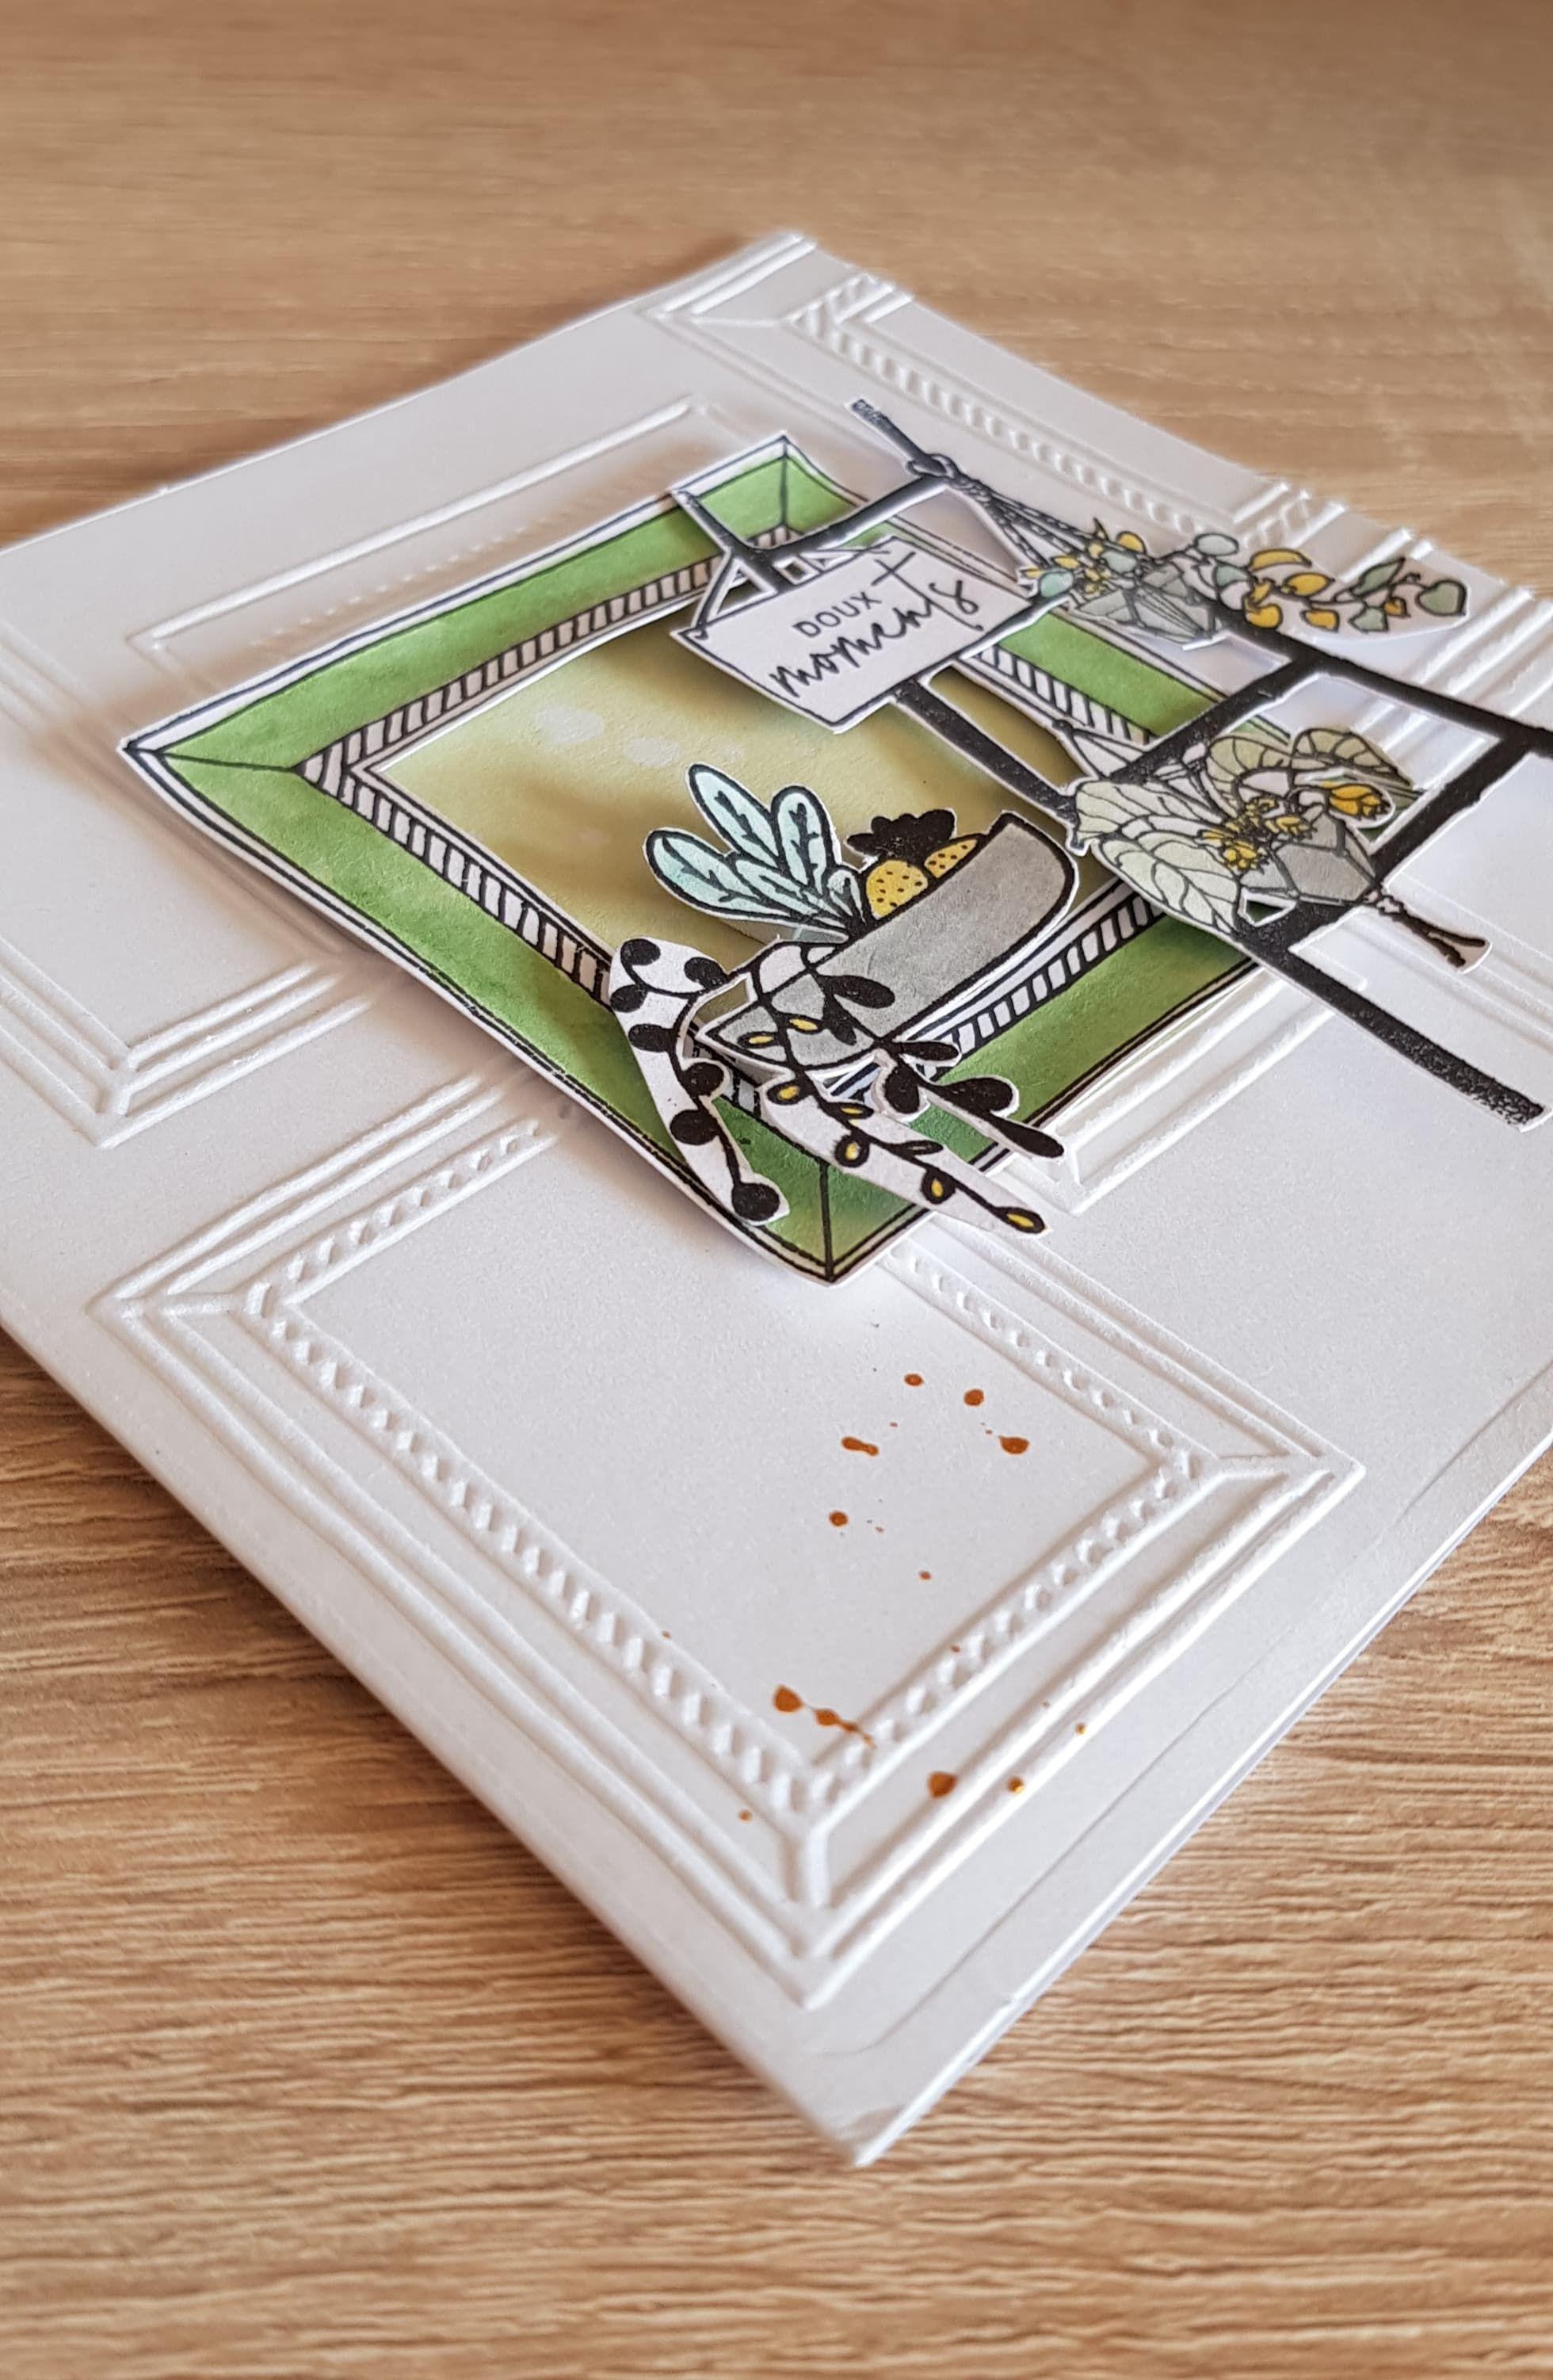 Carte Scrapbooking Plaque D Embossage Cadres De Florileges Design Tampon Cadre De Florileges Design Floricolo Carte Scrapbooking Scrapbooking Cadre Carte